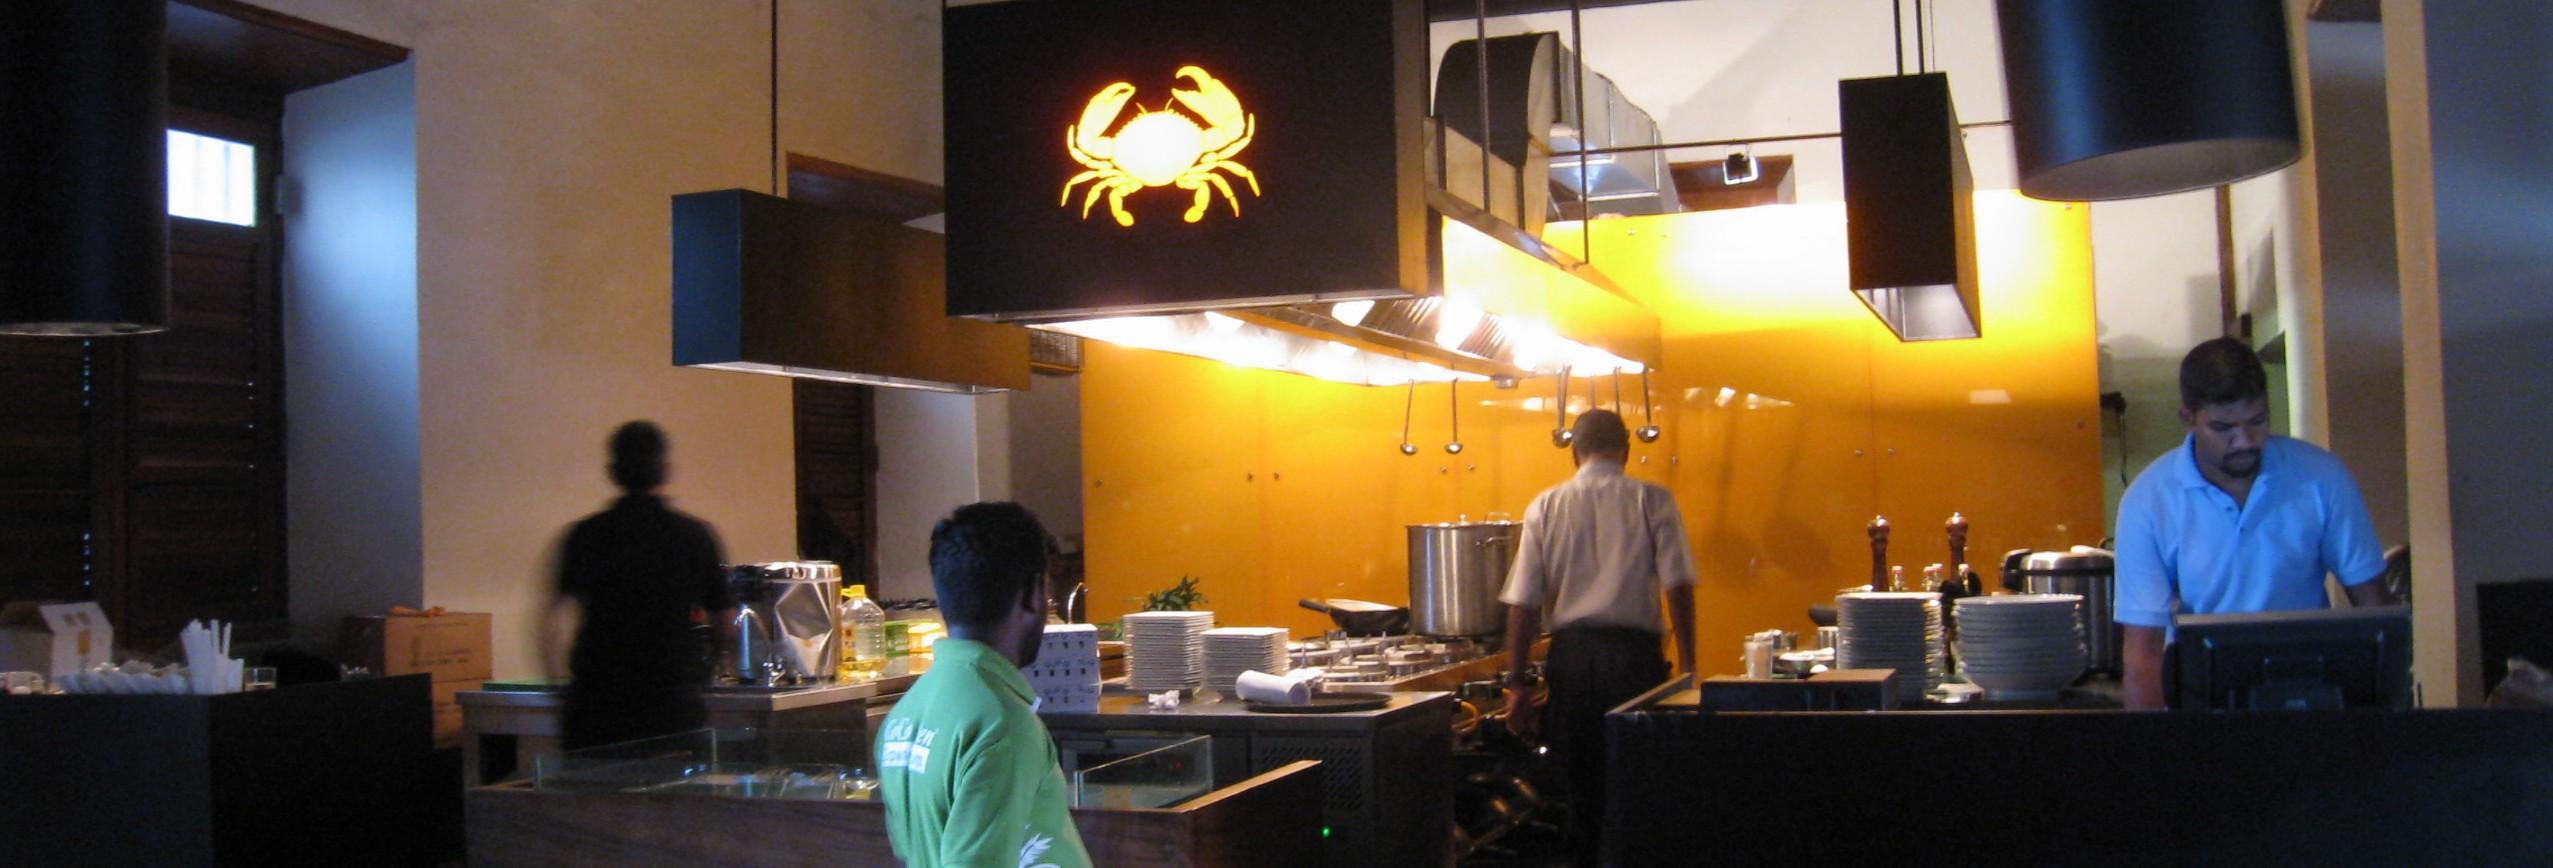 スリランカンクラブ(カニ)を出すレストラン